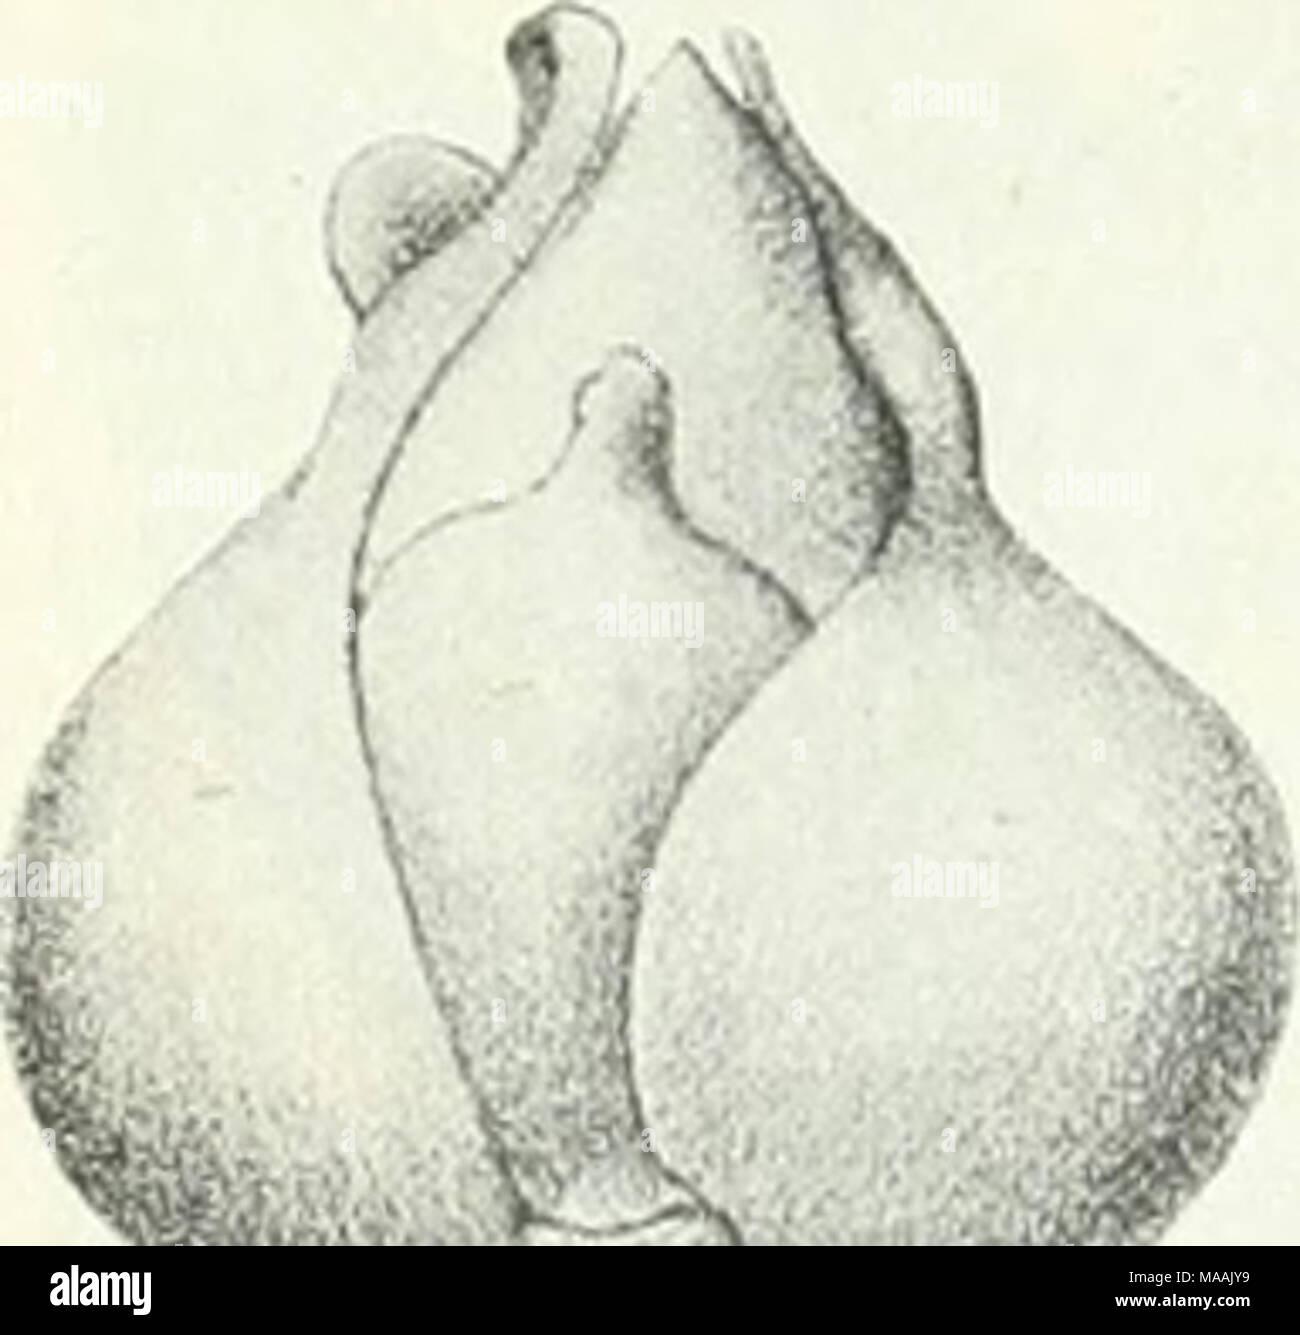 . Dr. K.W. van Gorkom's Oost-Indische cultures. Opnieuw uitg. onder redactie van H.C. Prinsen Geerligs. [Door J.P. van der Stock et al.] . Shorea aptera Burck, (ware grootte). ') Beide soorten groeien in :s Lands Plantentuin uitstekend ; zij staan daar juist op het hoogste punt van den tuin. In den Cultuurtuin te Tjikeumeuh leverden 6-jarige Isoptera's reeds vrucht. - Stock Image